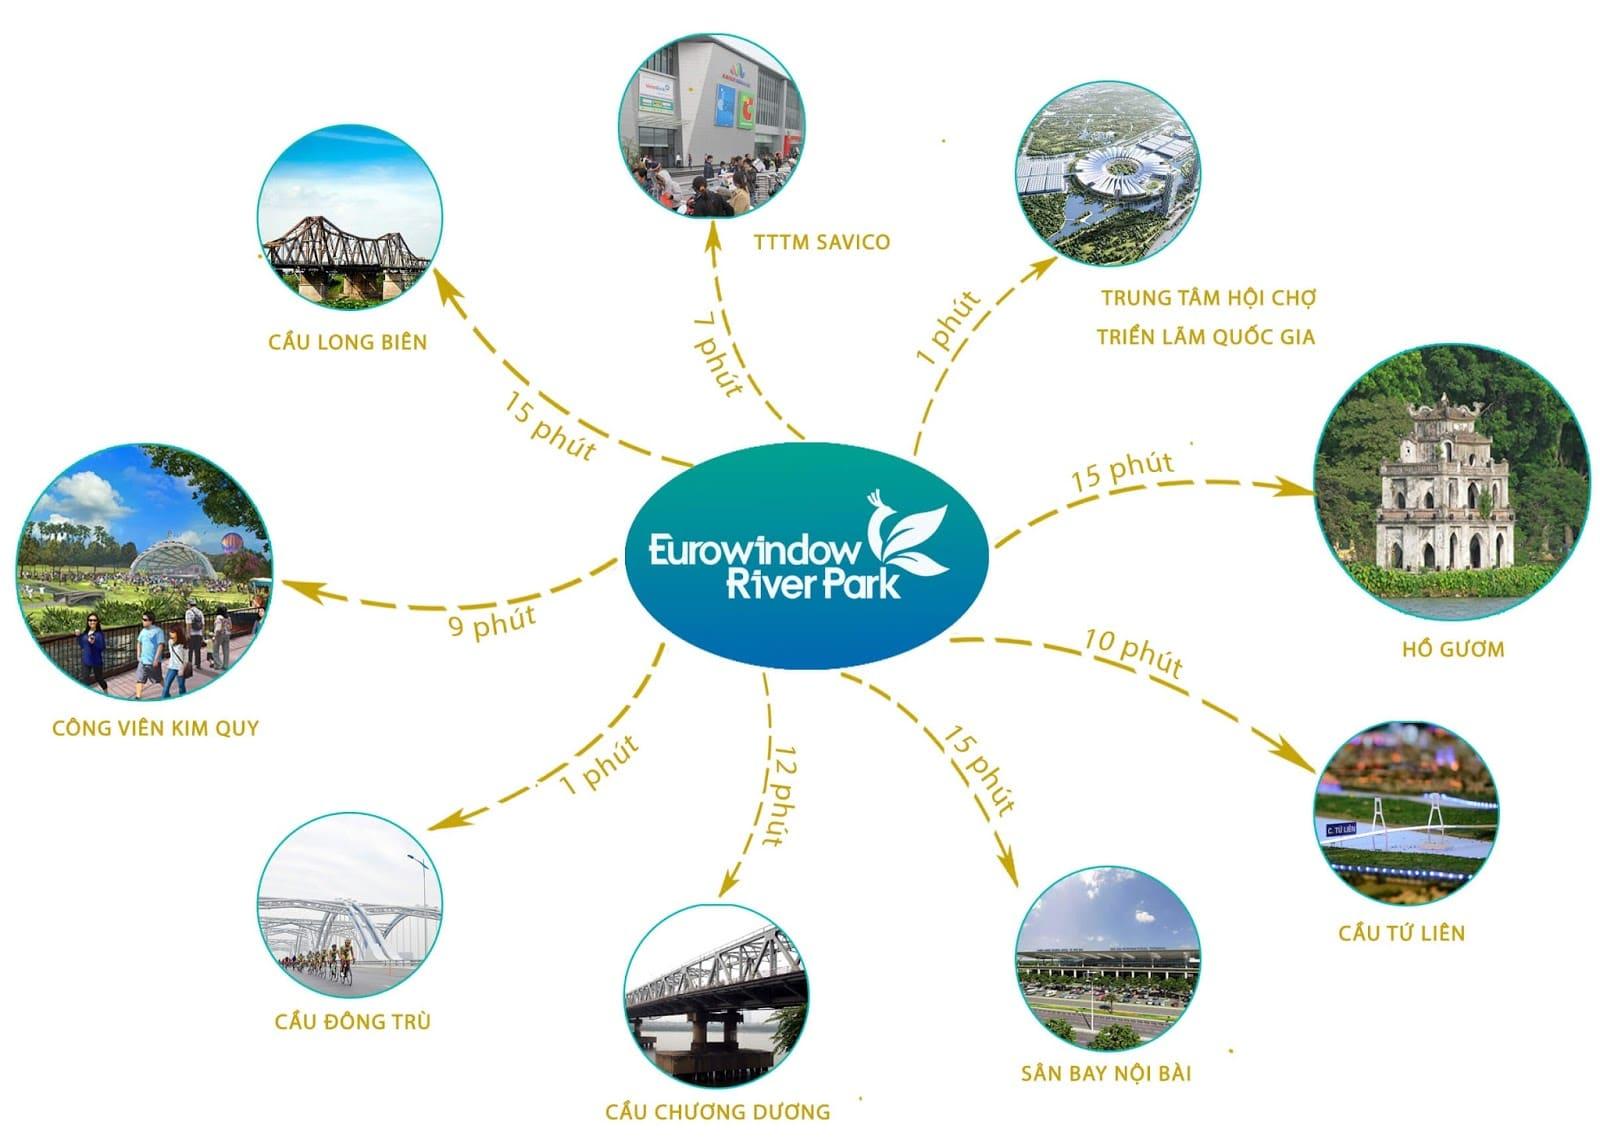 chung cư eurowindow river park liên kết vùng